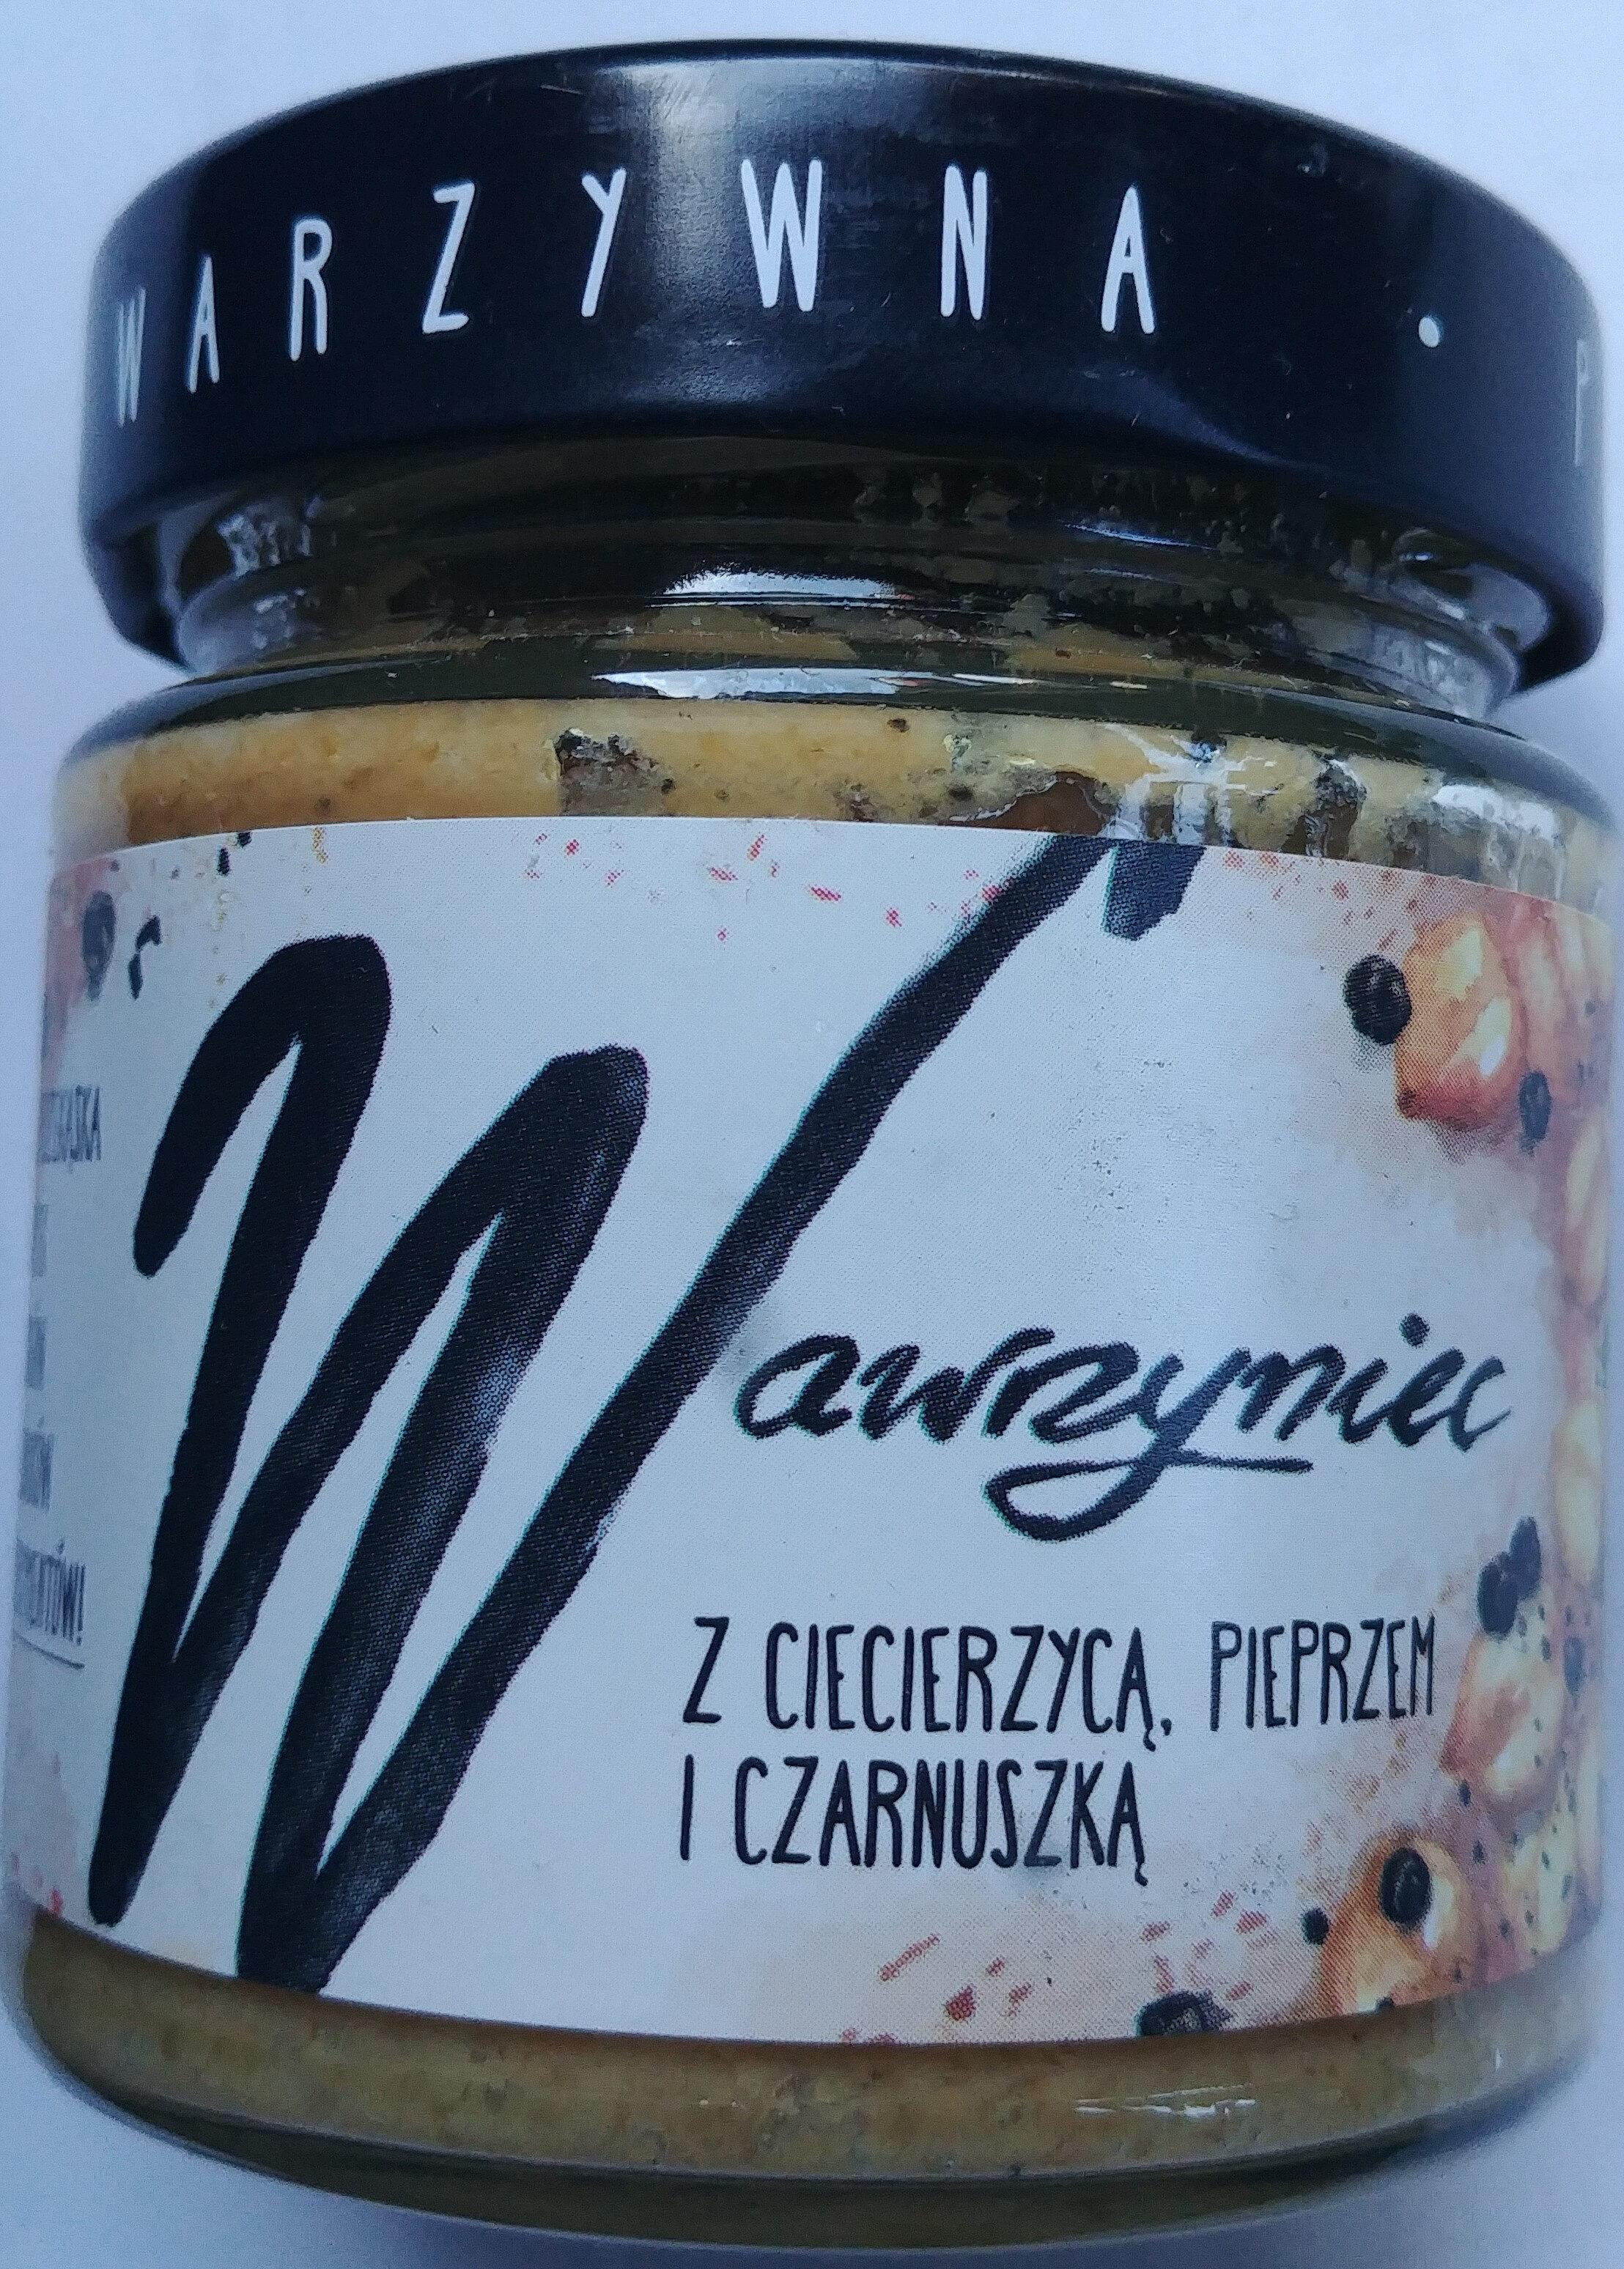 Wawrzyniec - Pasta warzywna z ciecierzycą, pieprzem i czarnuszką - Produkt - pl